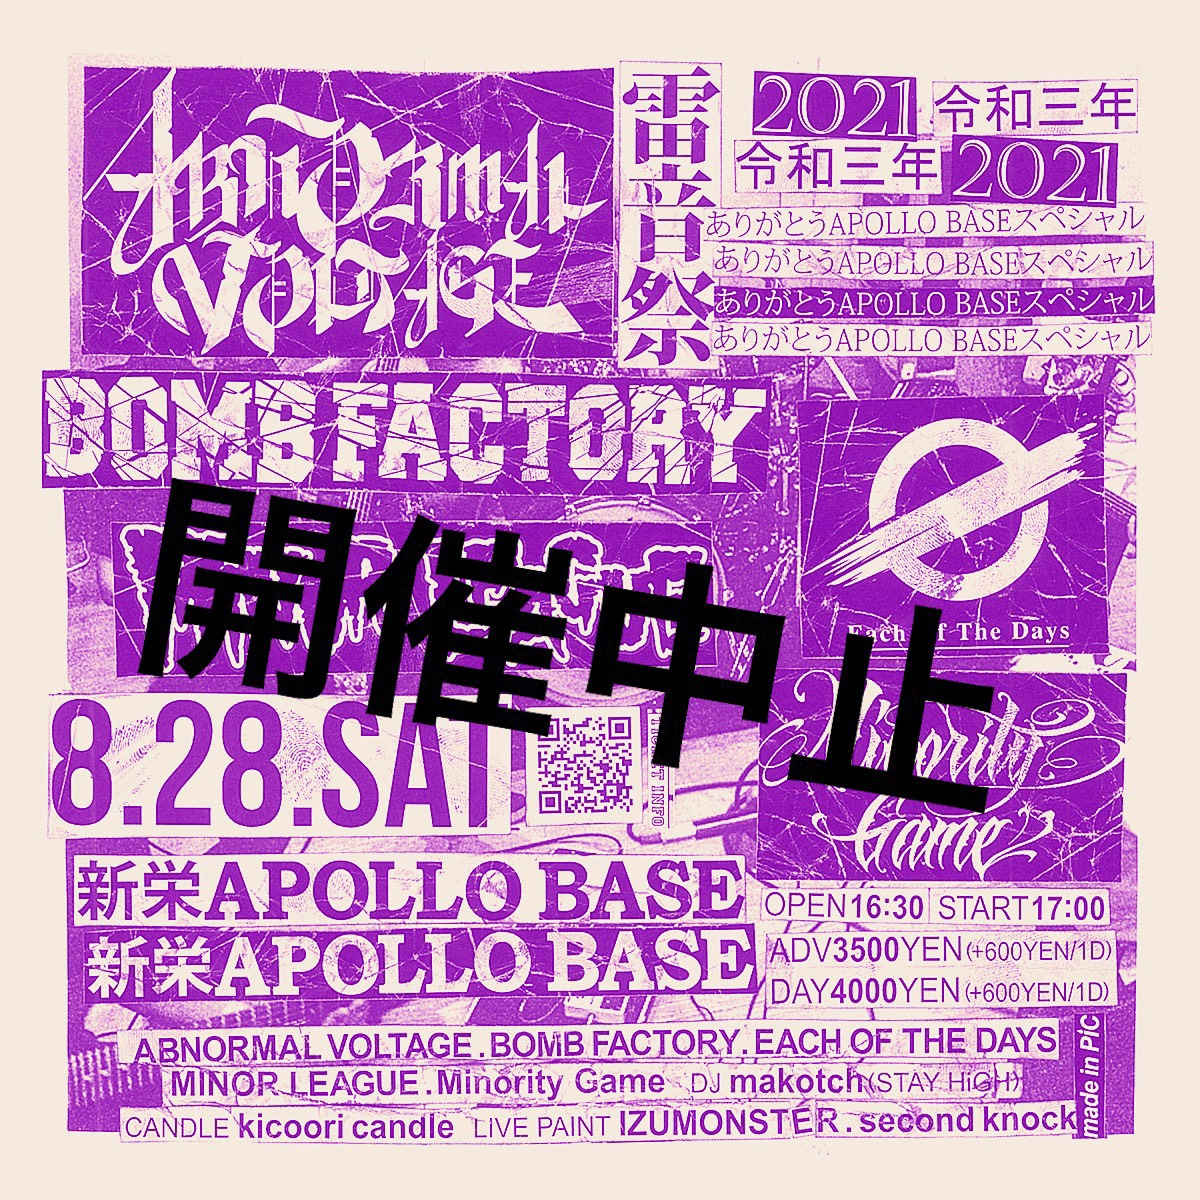 08/28(土) 新栄 APOLLO BASE